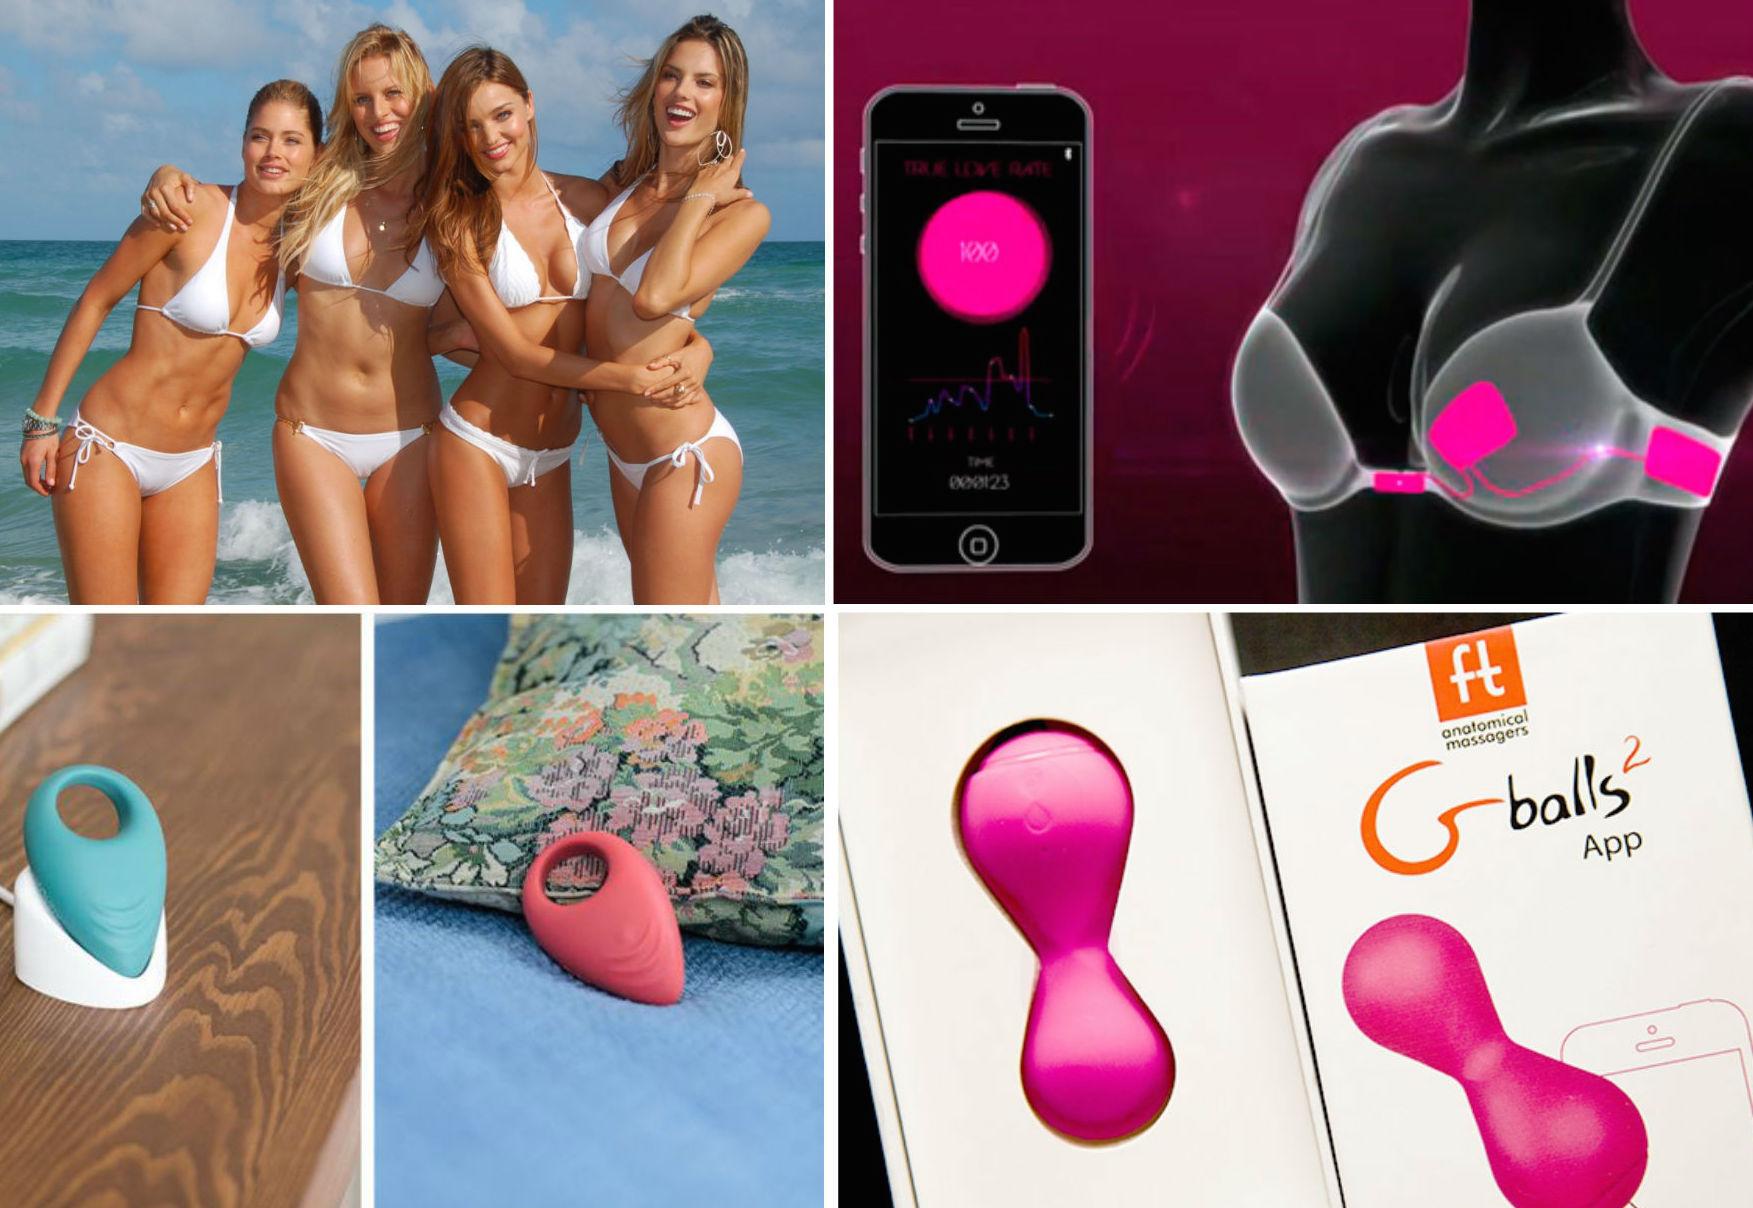 Умные вагинальные шарики Gball: тестируем, анализируем, общаемся с гинекологом и вспоминаем Арнольда Кегеля - 1